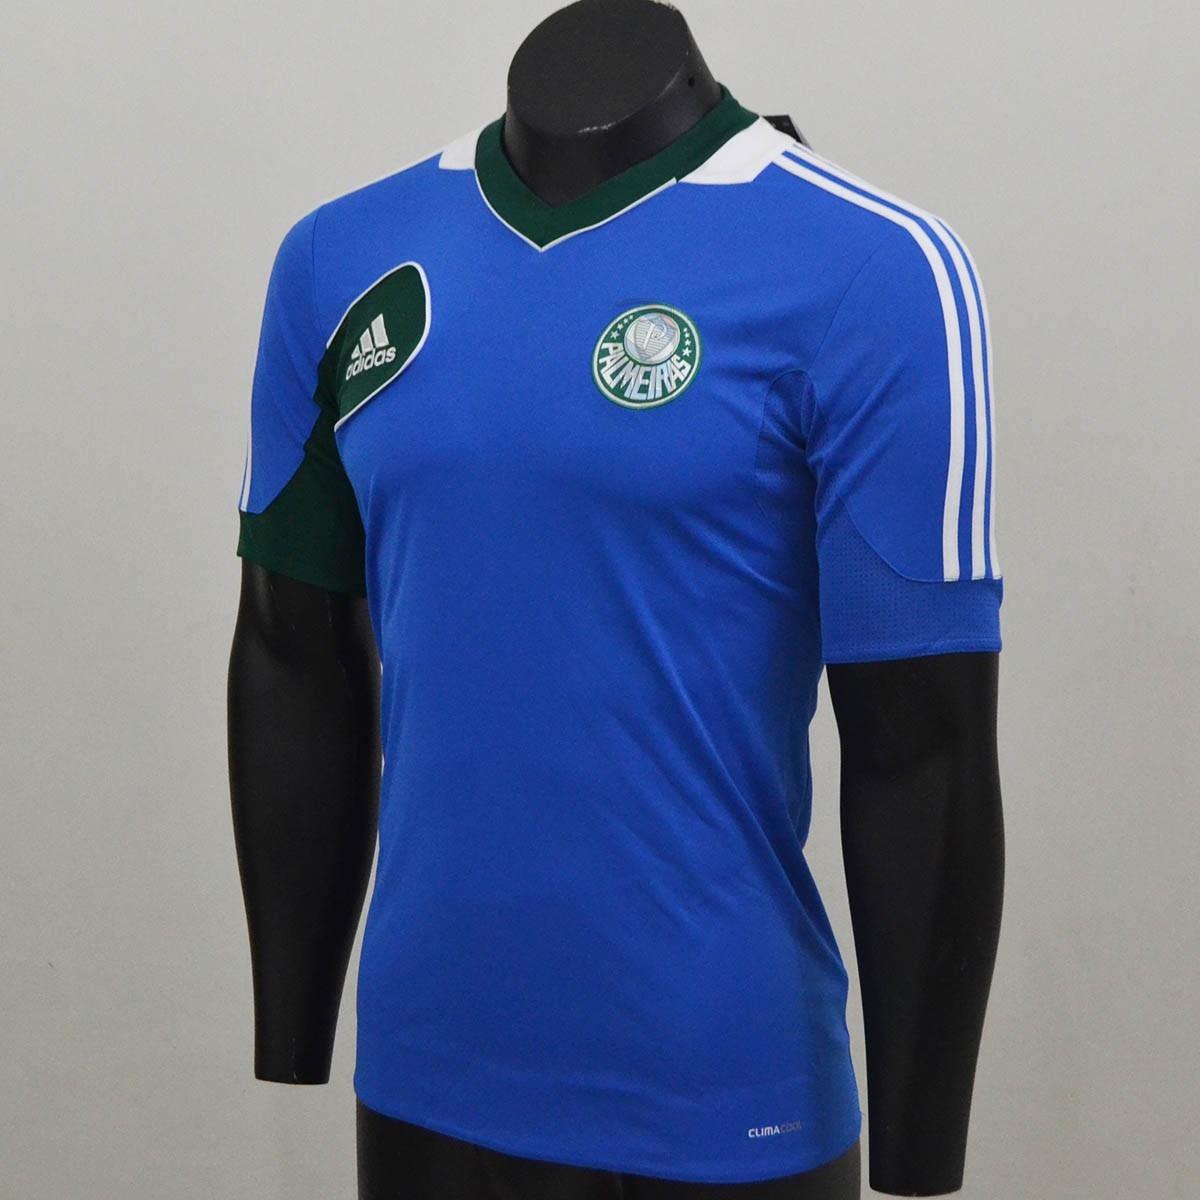 198536e76e133 Camisa adidas Palmeiras 2012 Treino Orig Nova De 179